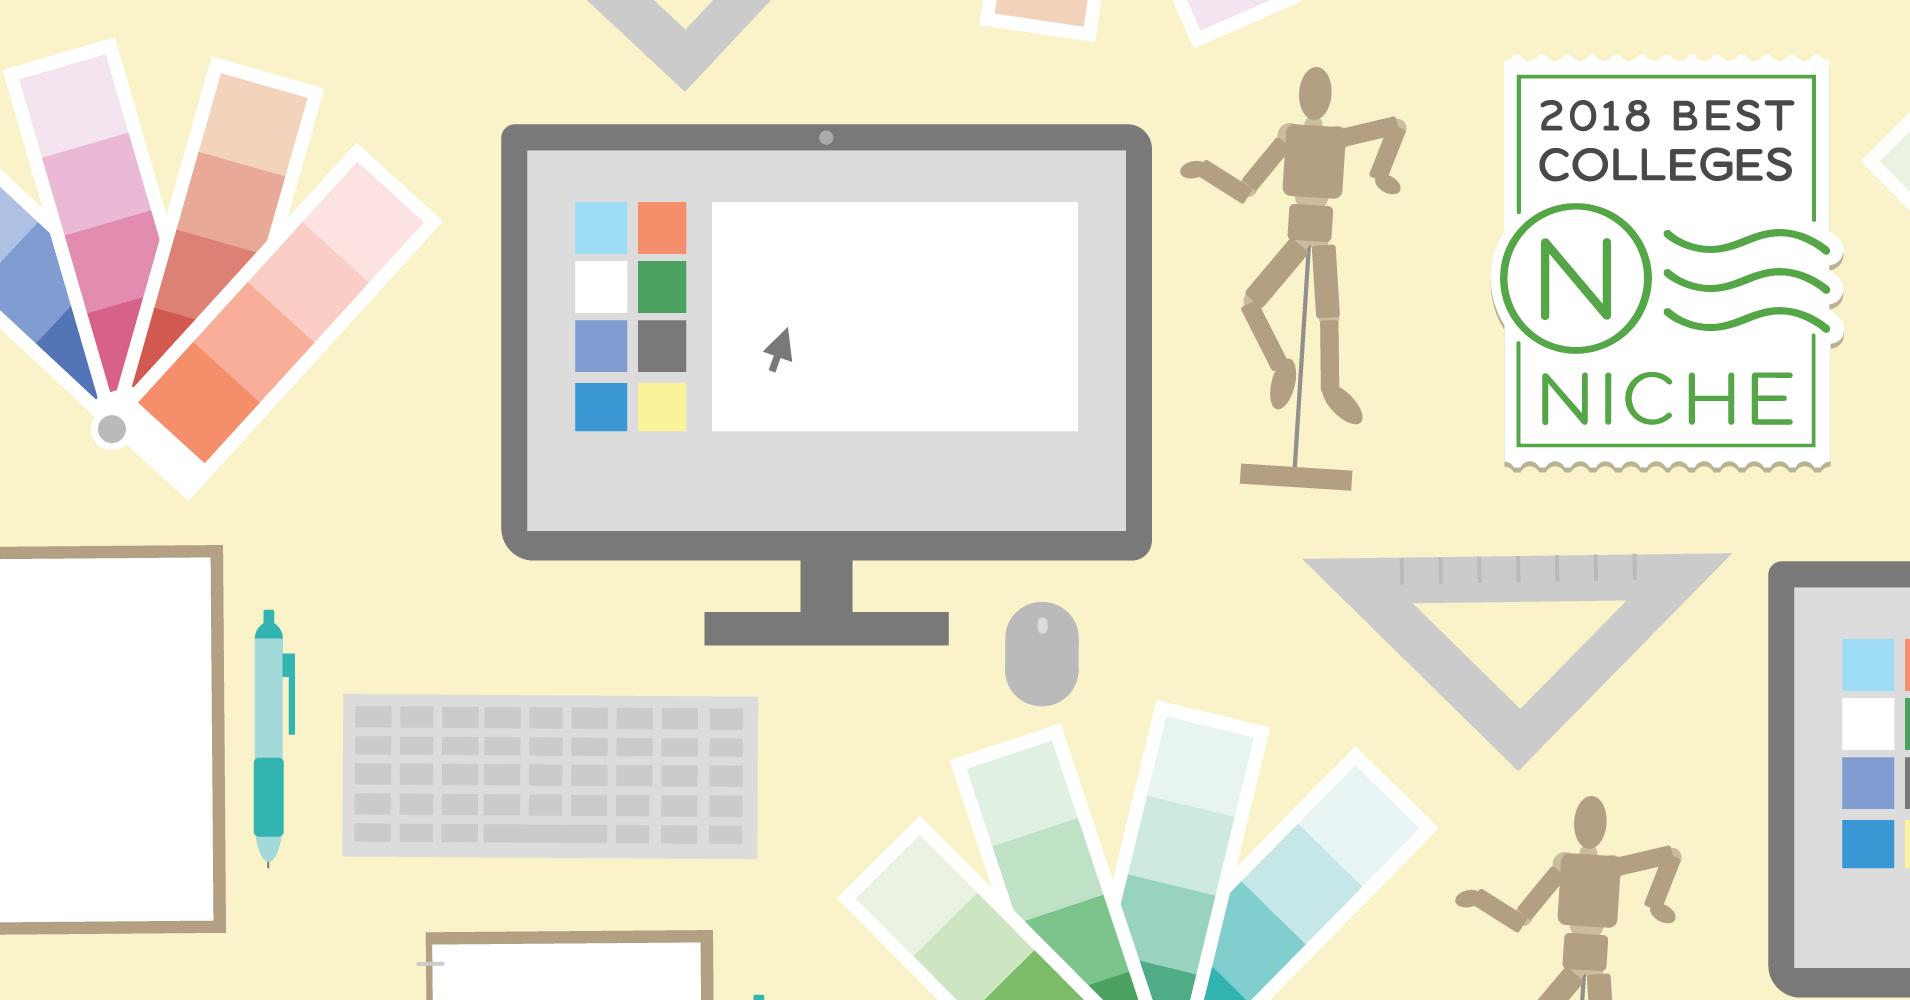 حلول كتاب الطالب لمادة الحاسب الالي للصف الاول الثانوي - نظام مقررات- الفصل الدراسي الثاني